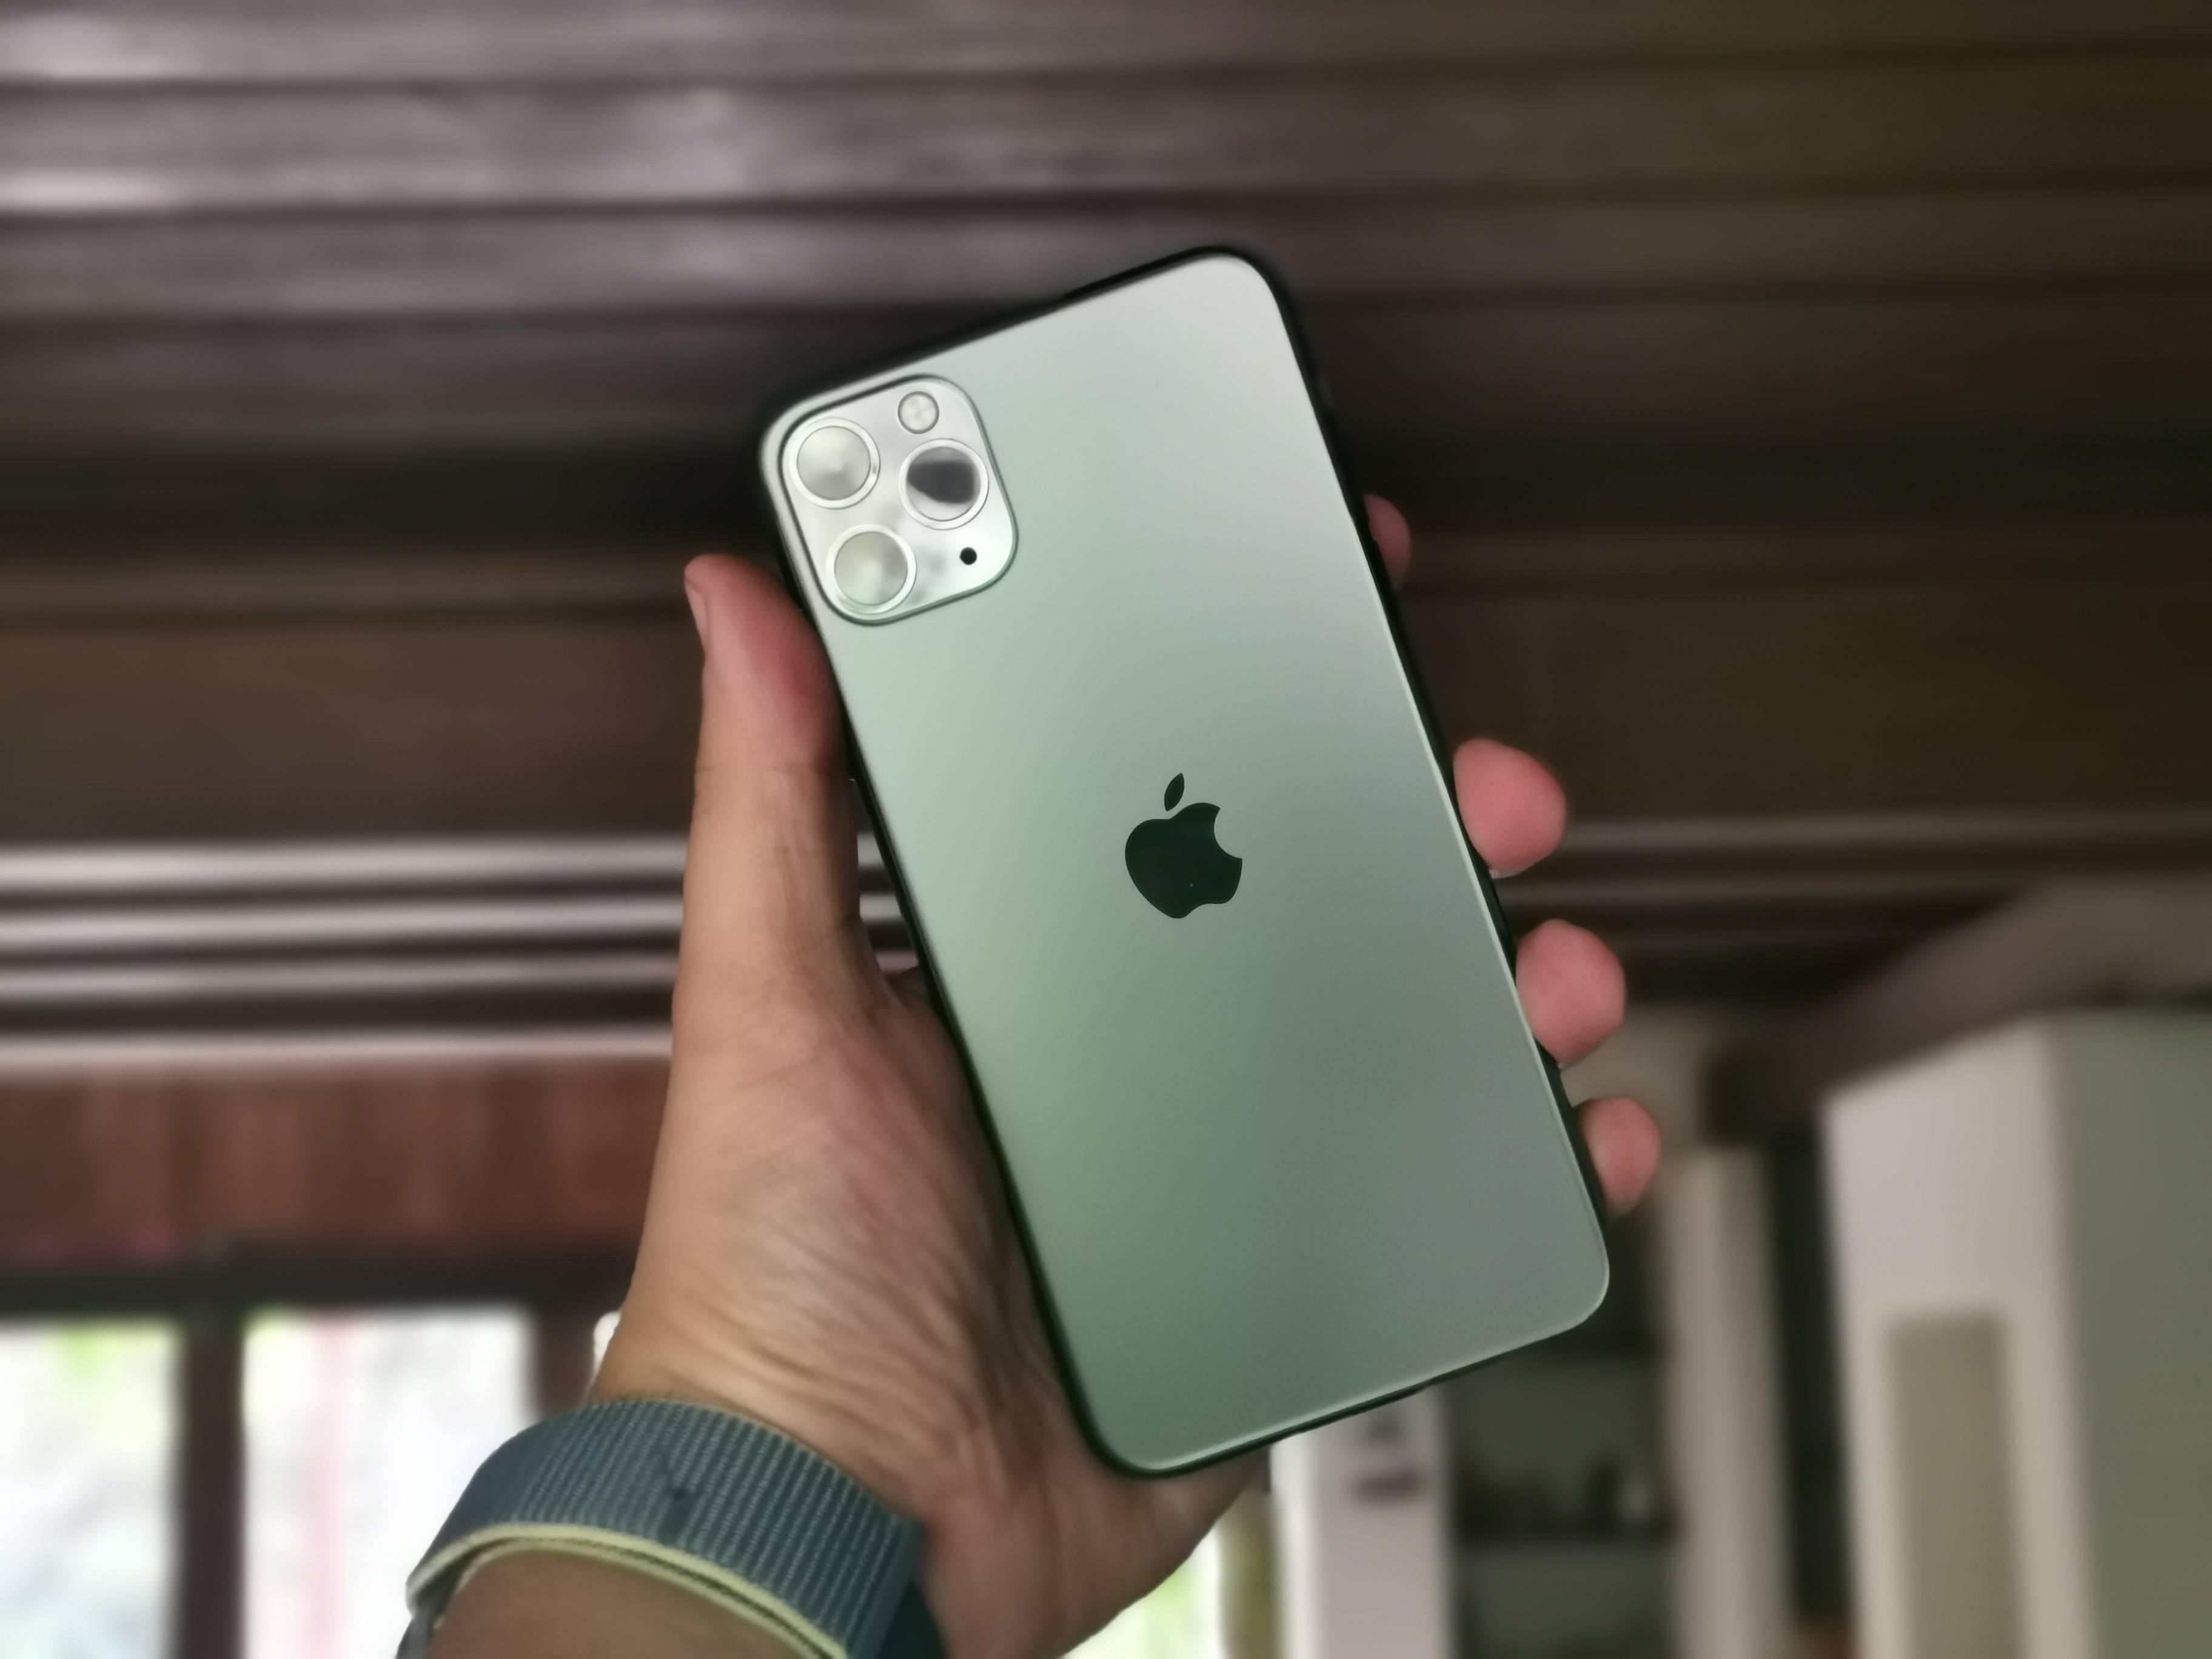 Apple responde ante controversia sobre que el iPhone 11 Pro estaría rastreando la ubicación de los usuarios